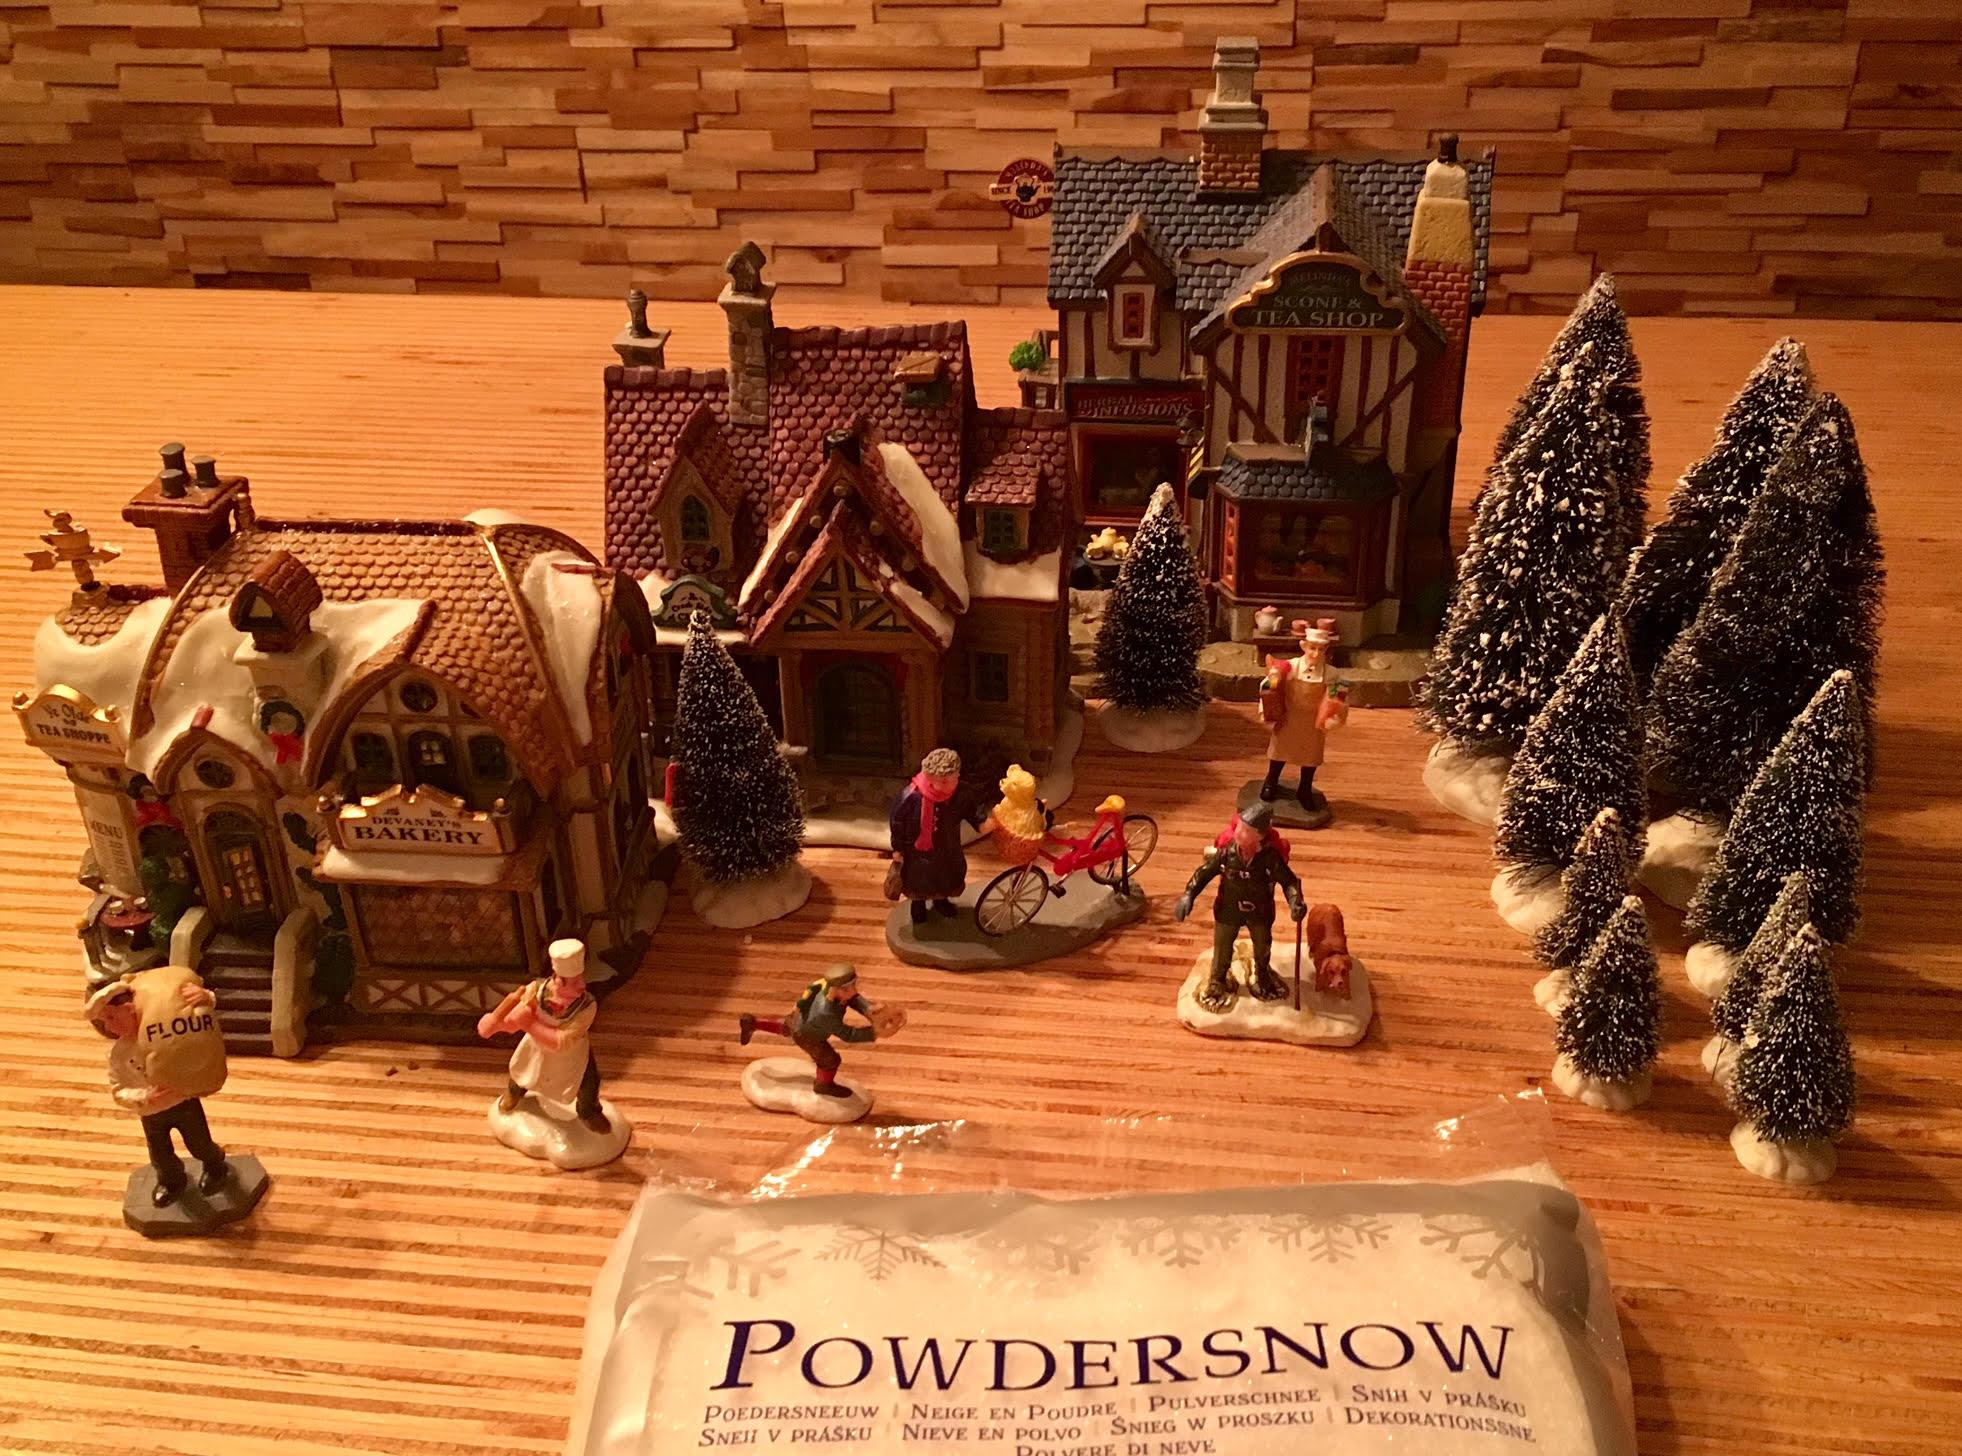 wat-heb-je-nodig-voor-kerstdorp-maken